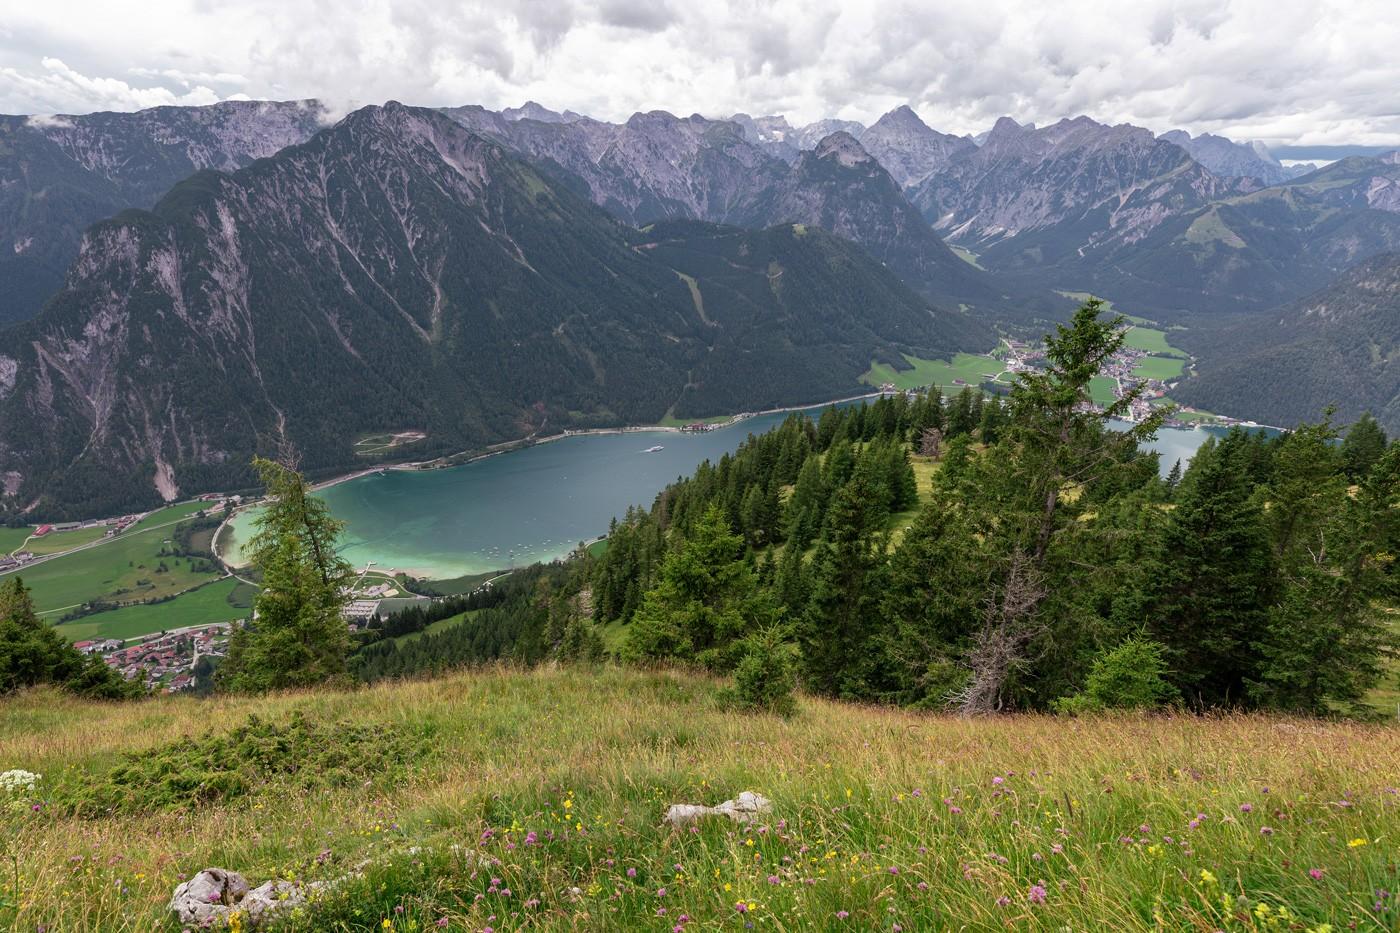 Aussicht am Durrakreuz auf den Achensee - Wanderung zur Dalfazalm